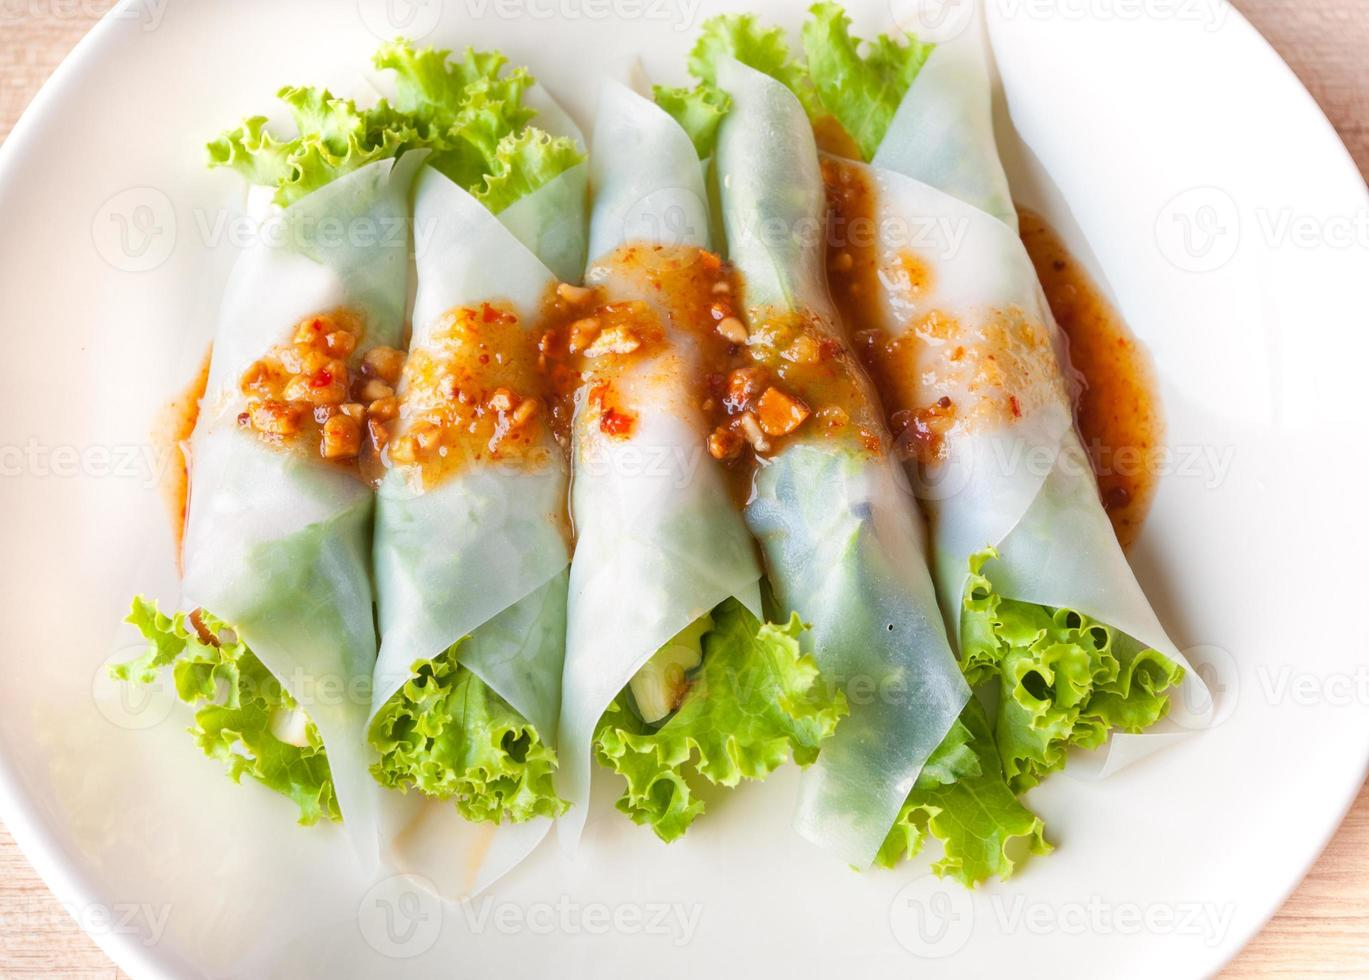 vicino nam-neaung nel piatto, impacchi di polpette vietnamite foto